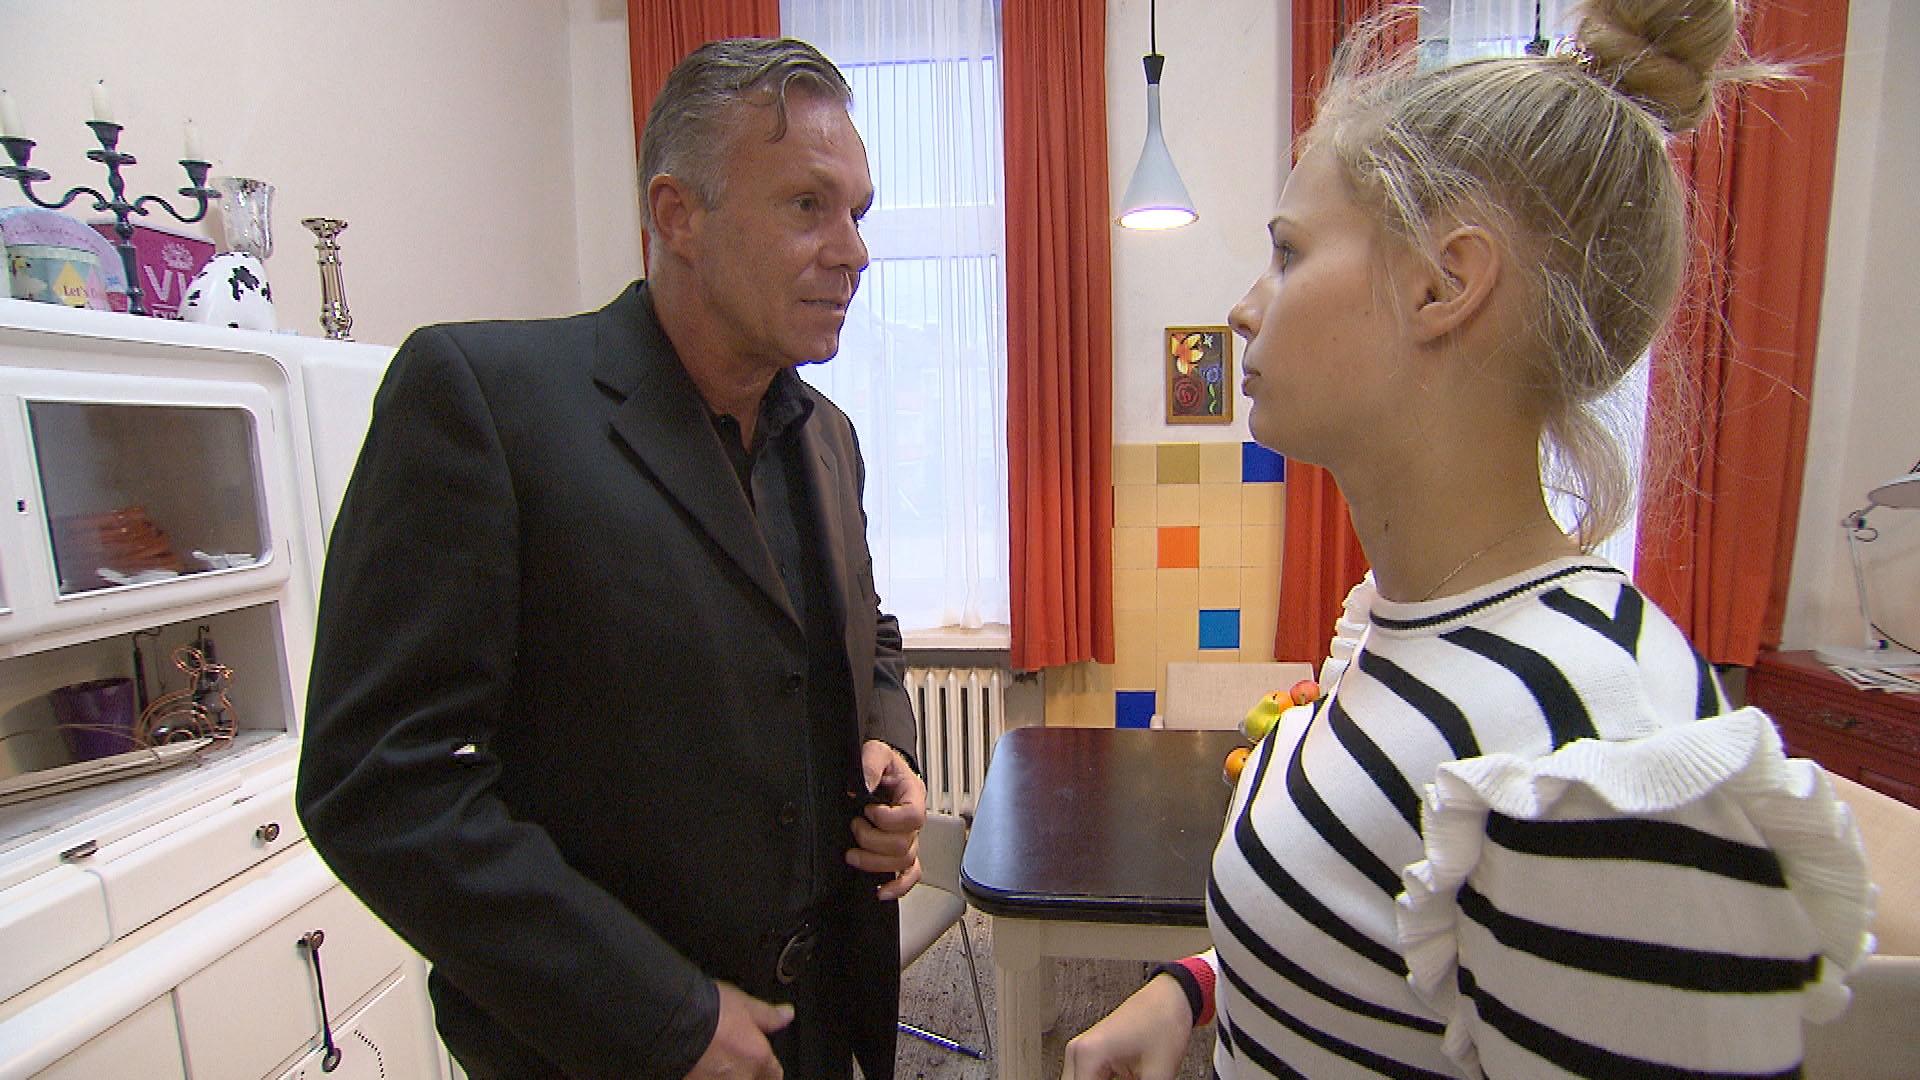 Um ihren Vater und Schwester Kathi zu versöhnen, hat Jule ihren Vater Robert eingeladen (Quelle: RTL 2)